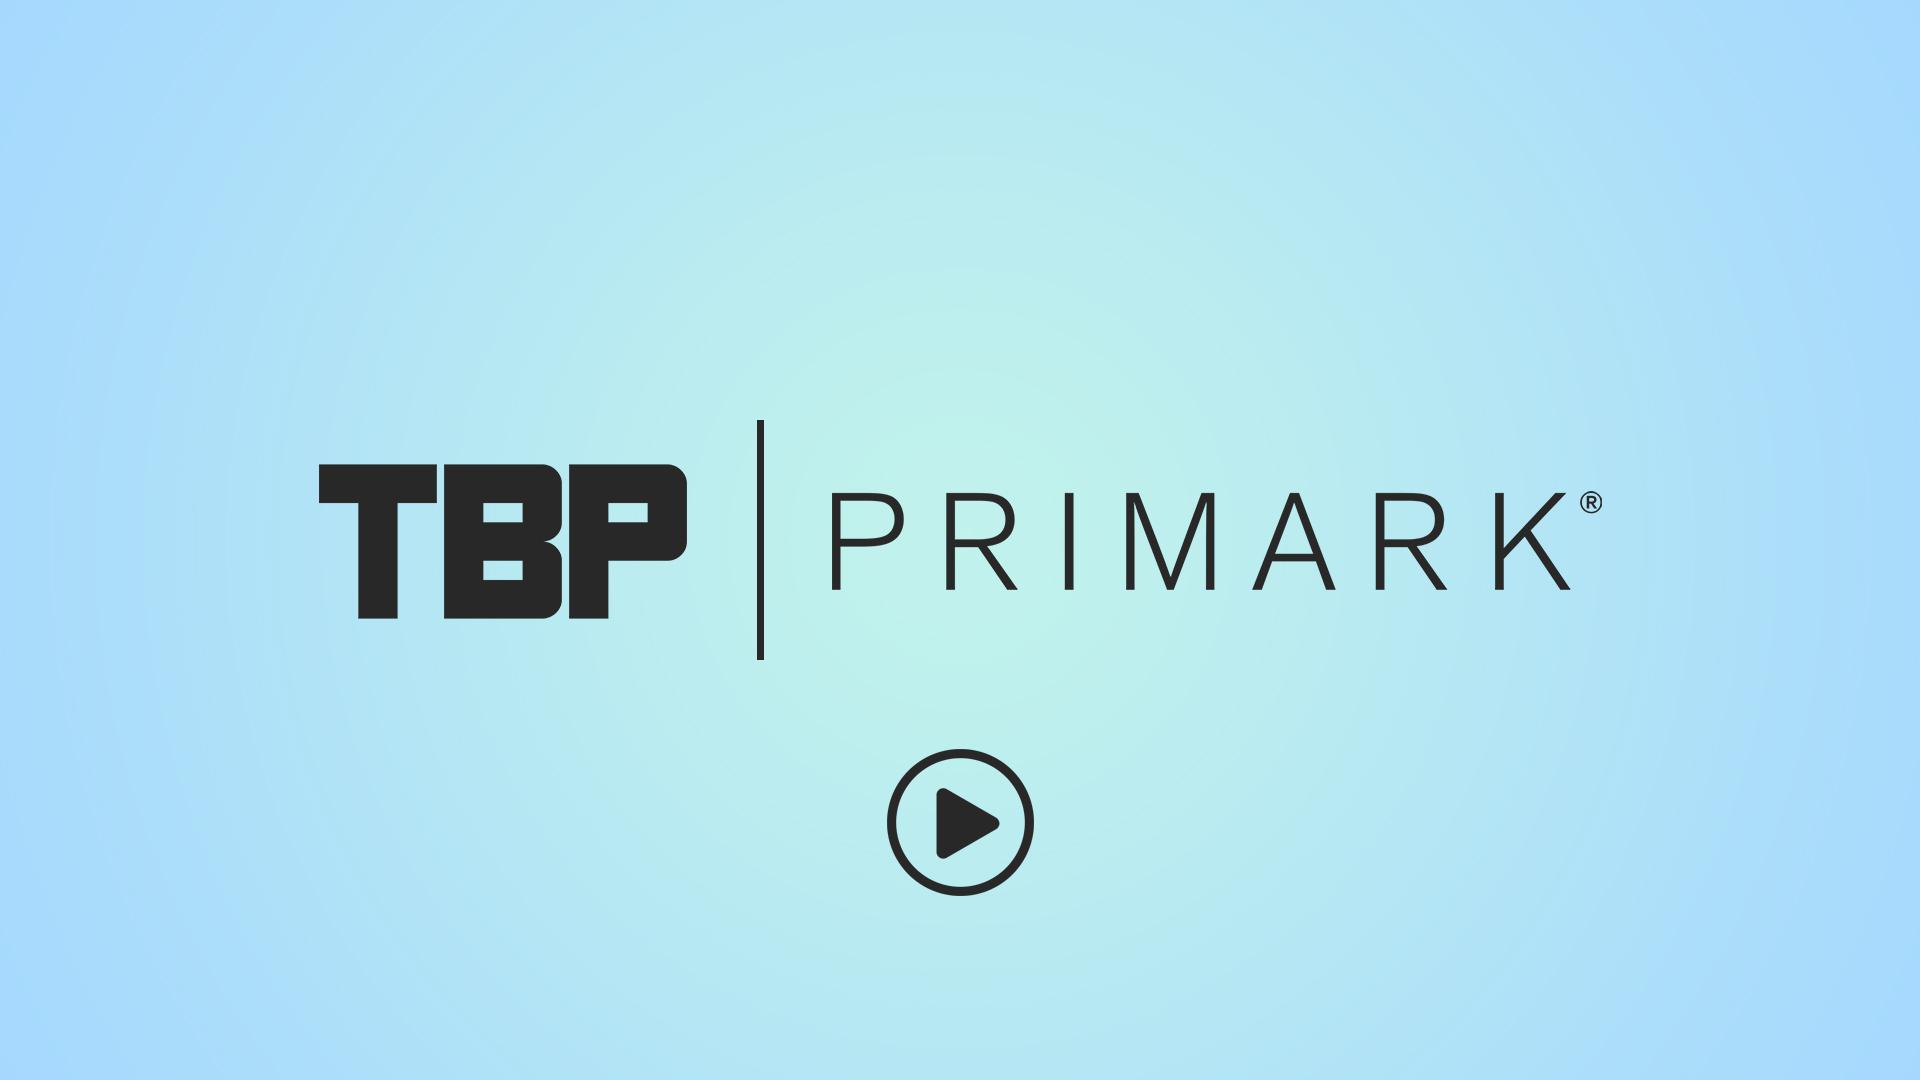 tbp primark